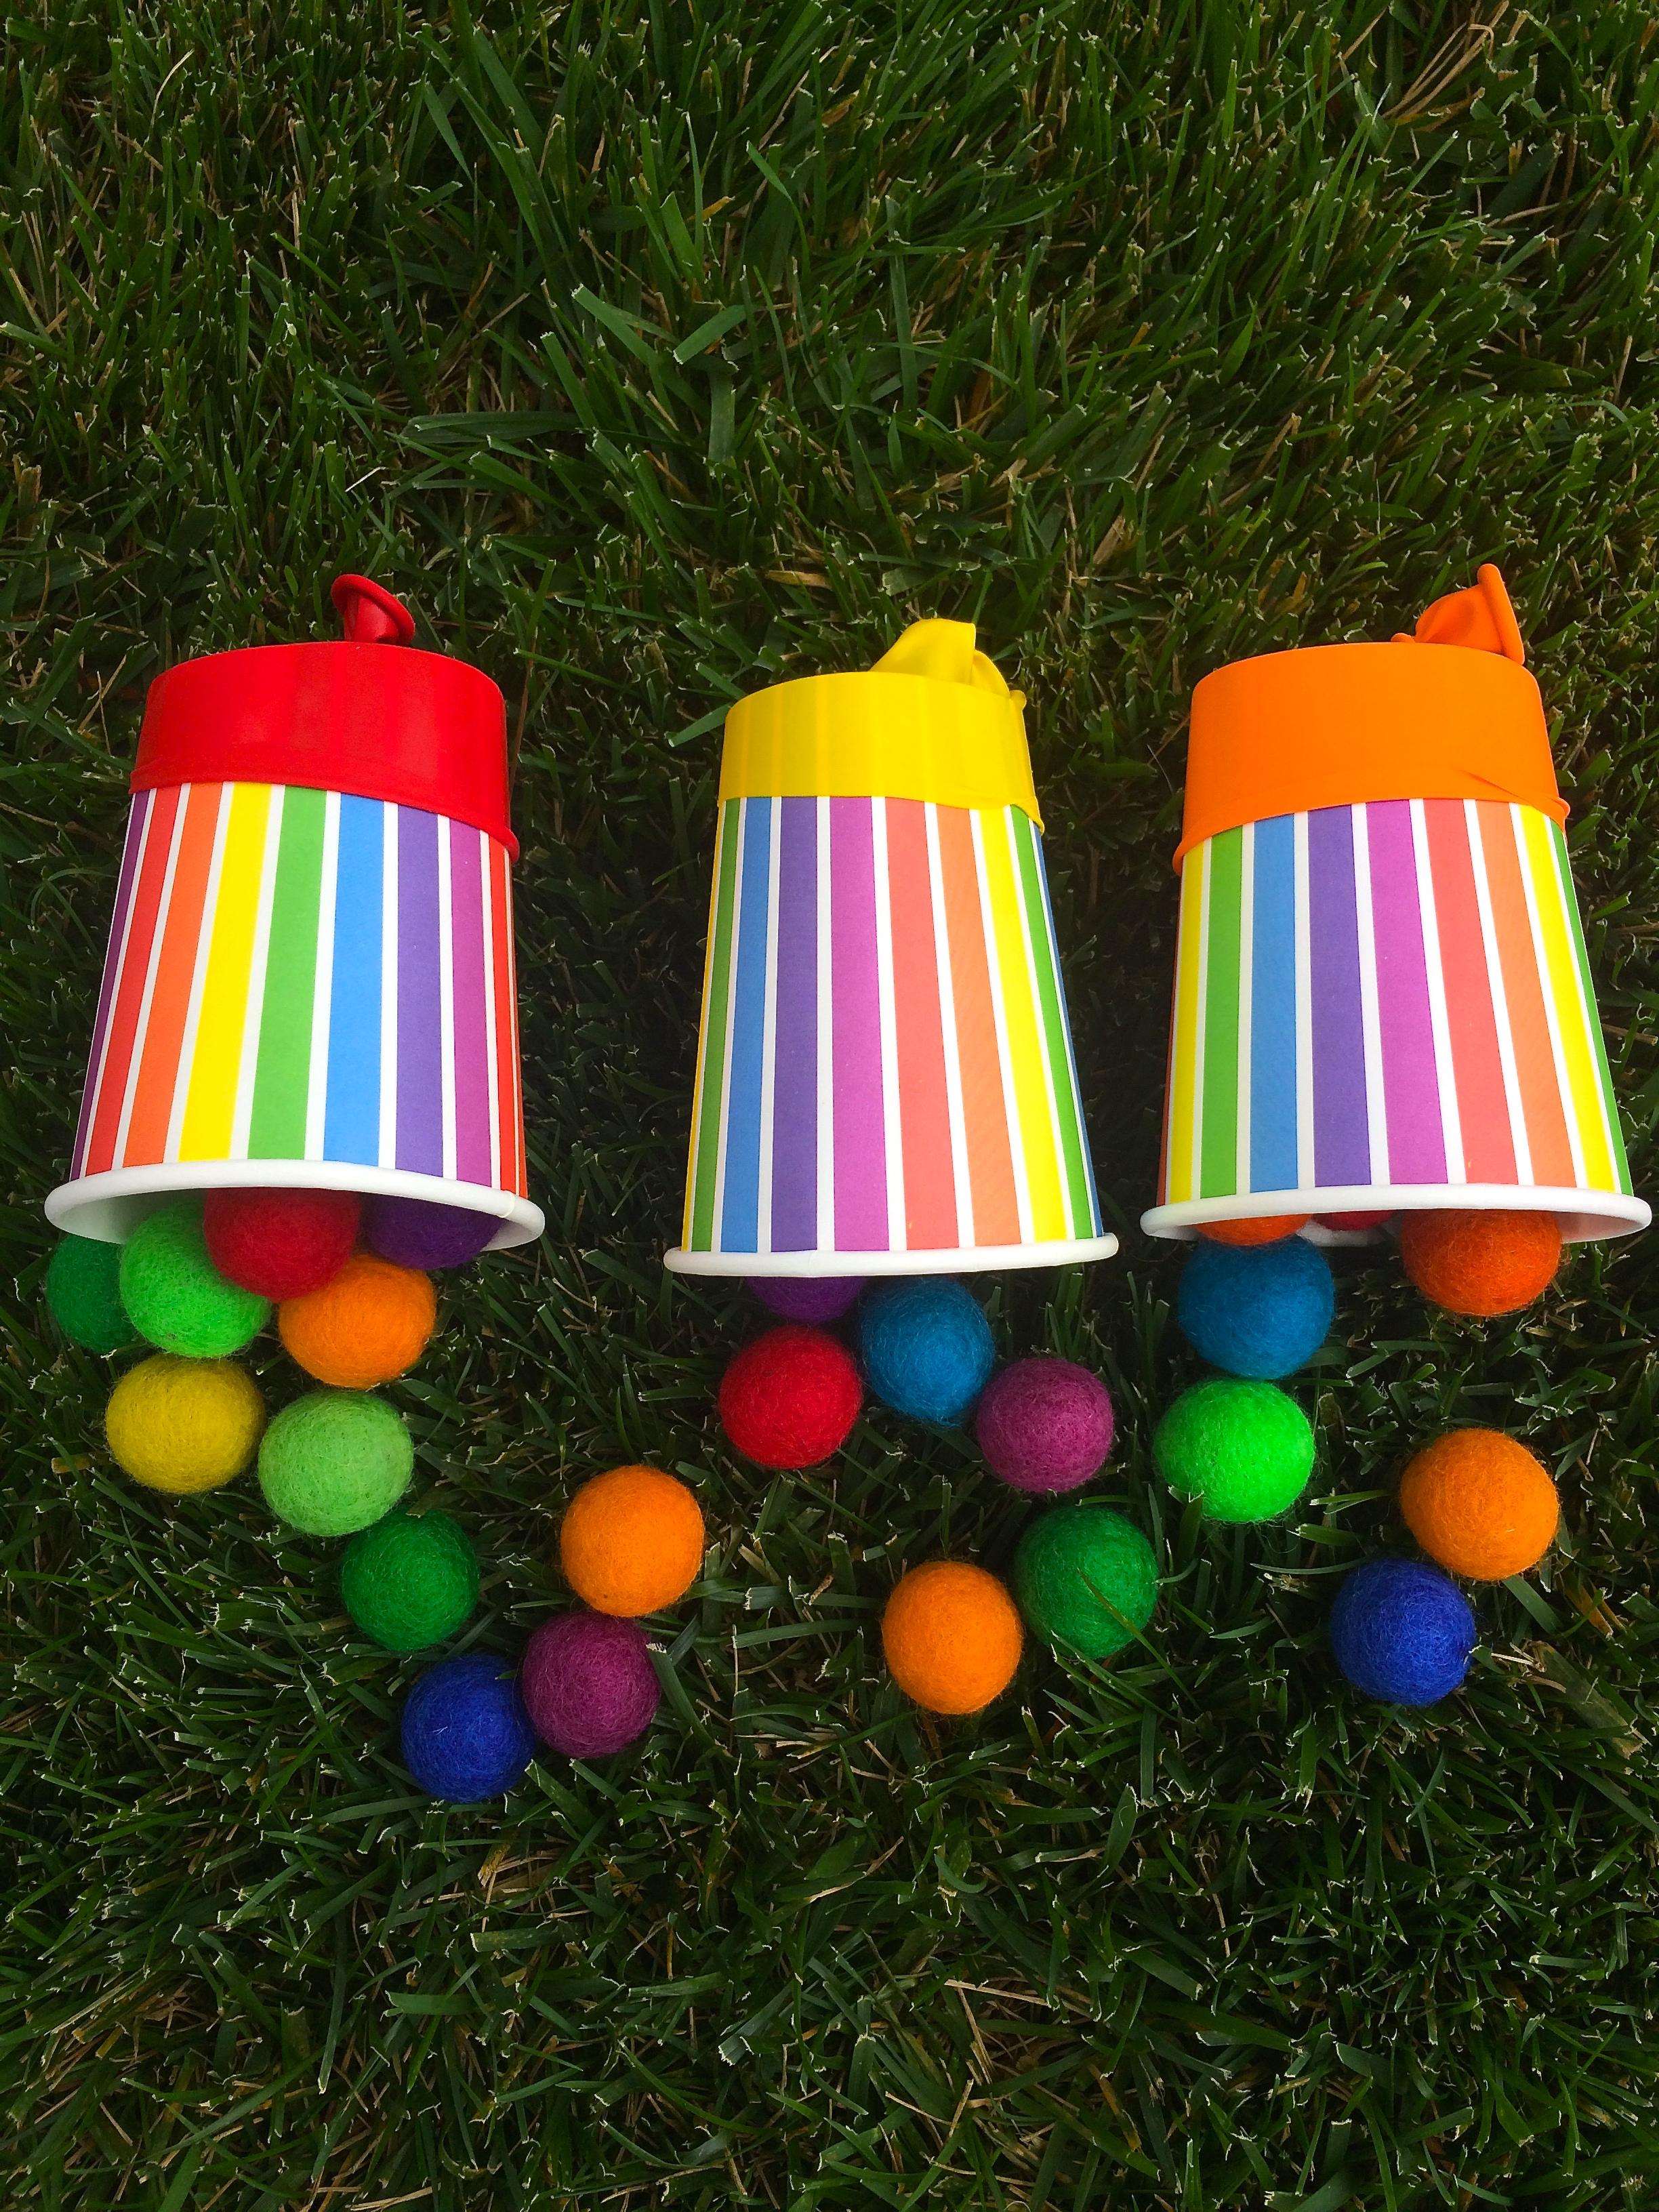 Pom-pom party popper